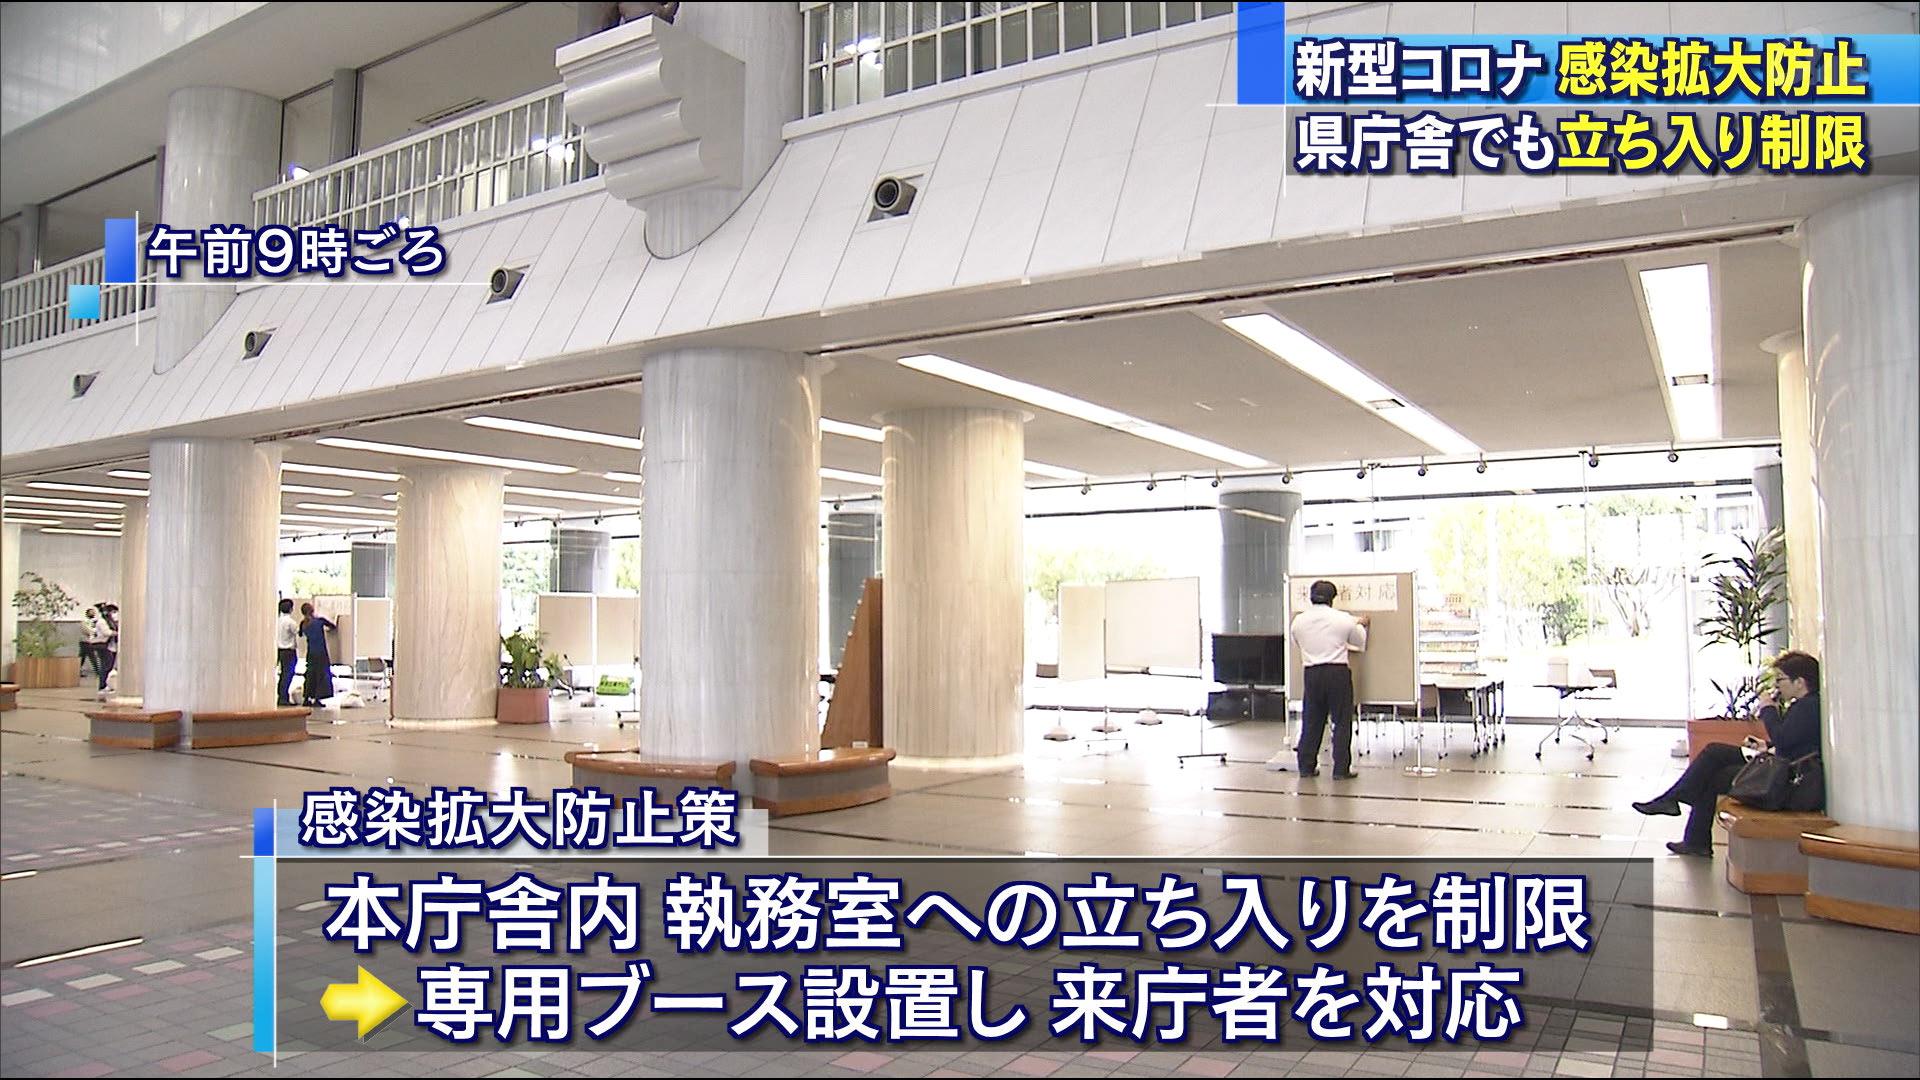 13日から県庁舎でもコロナ対策で立ち入り制限